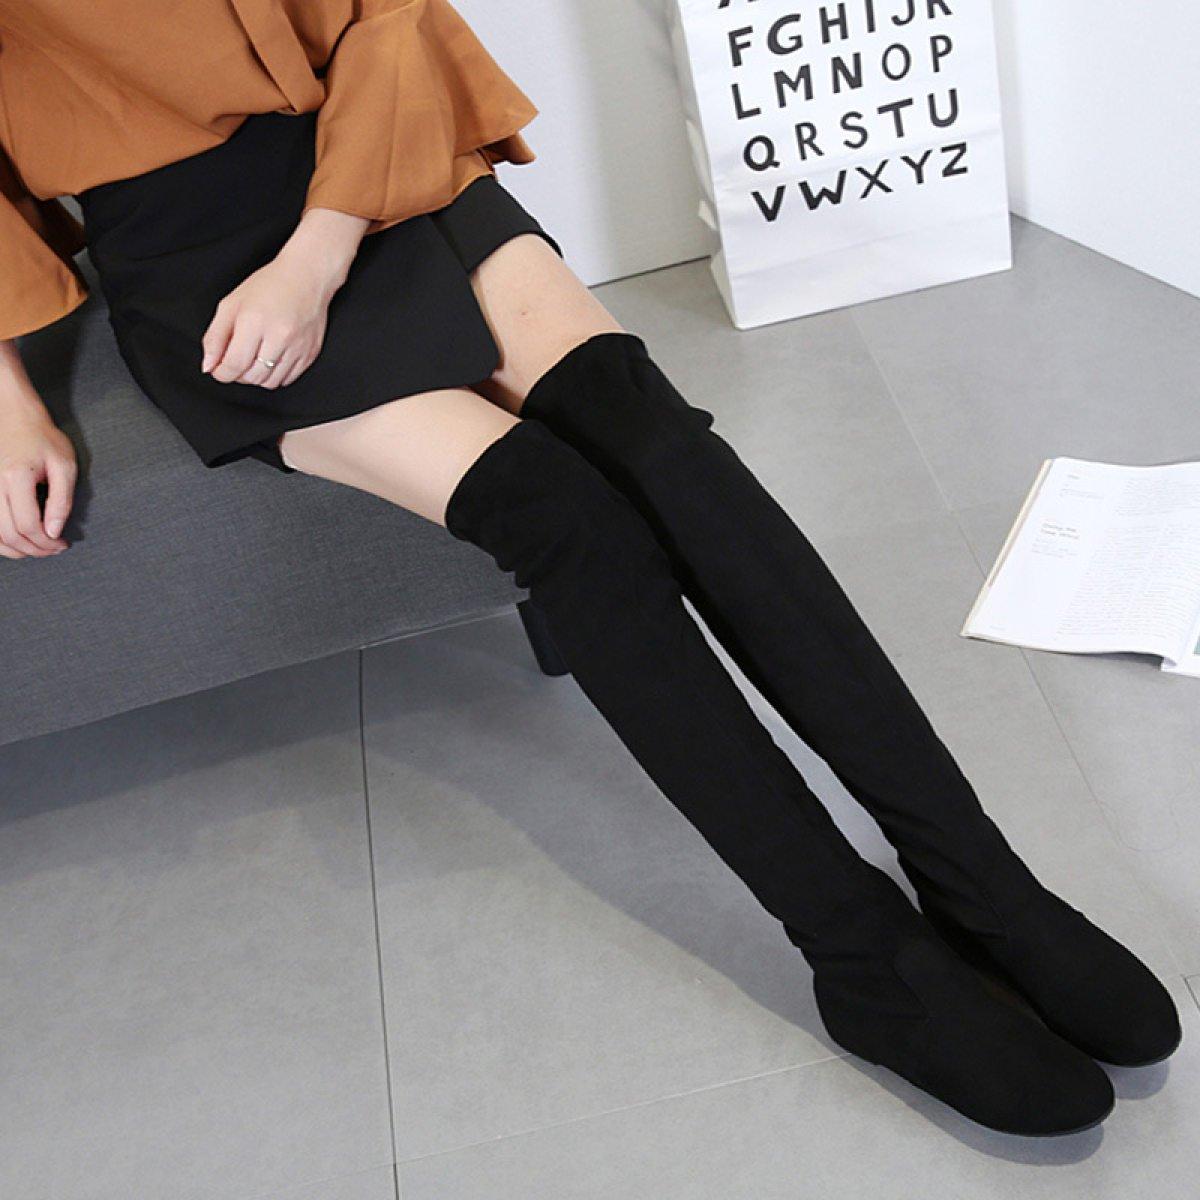 Frauen Stiefel Knie Stiefel Damen Damen Stiefel Umwelt Faux Wildleder Stiefel über Die Knie Stretch Block Mid Chunky Ferse Stiefel schwarz 31771a